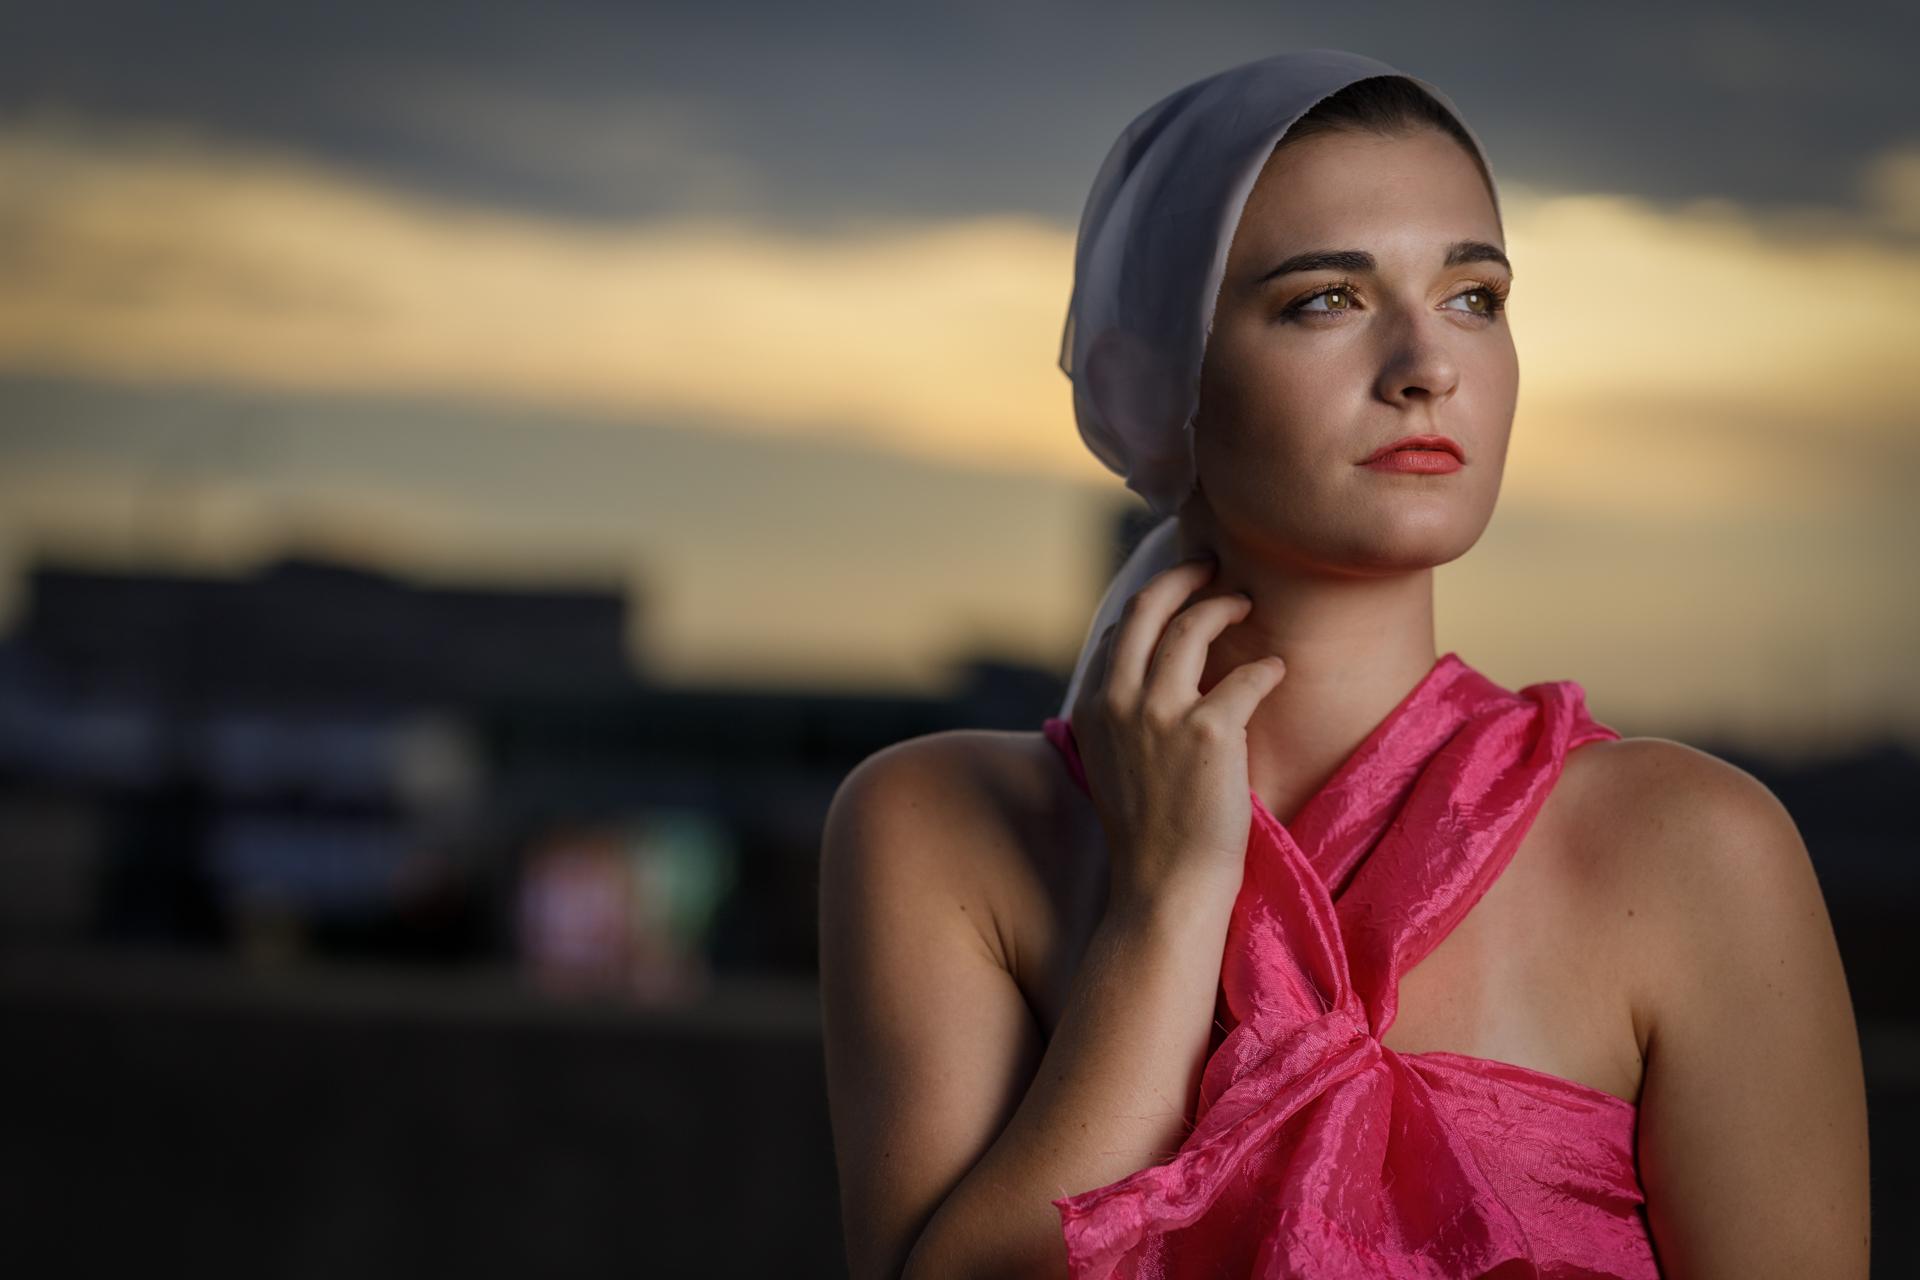 CFrenette-marilyne-ruban rose-15